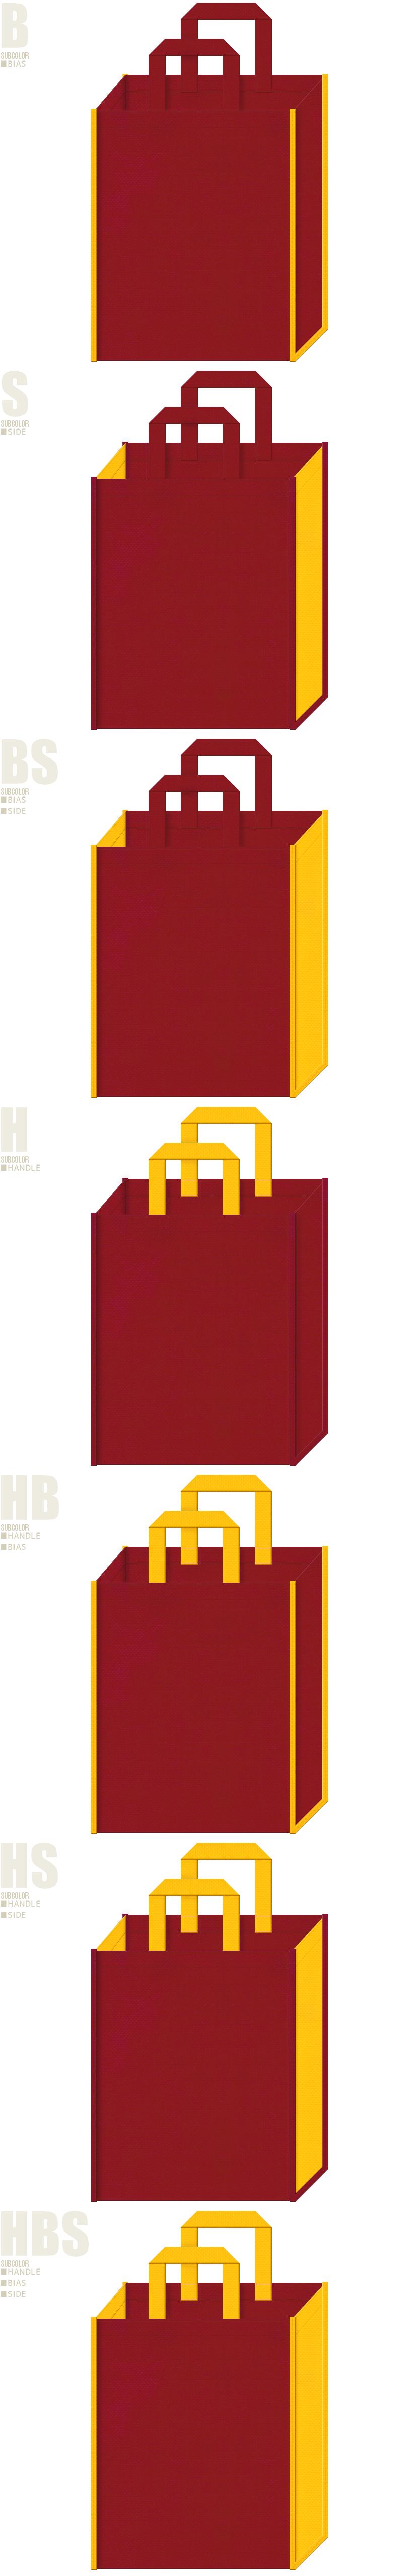 エンジ色と黄色、7パターンの不織布トートバッグ配色デザイン例。アウトドア・キャンプ用品のイメージにお奨めです。